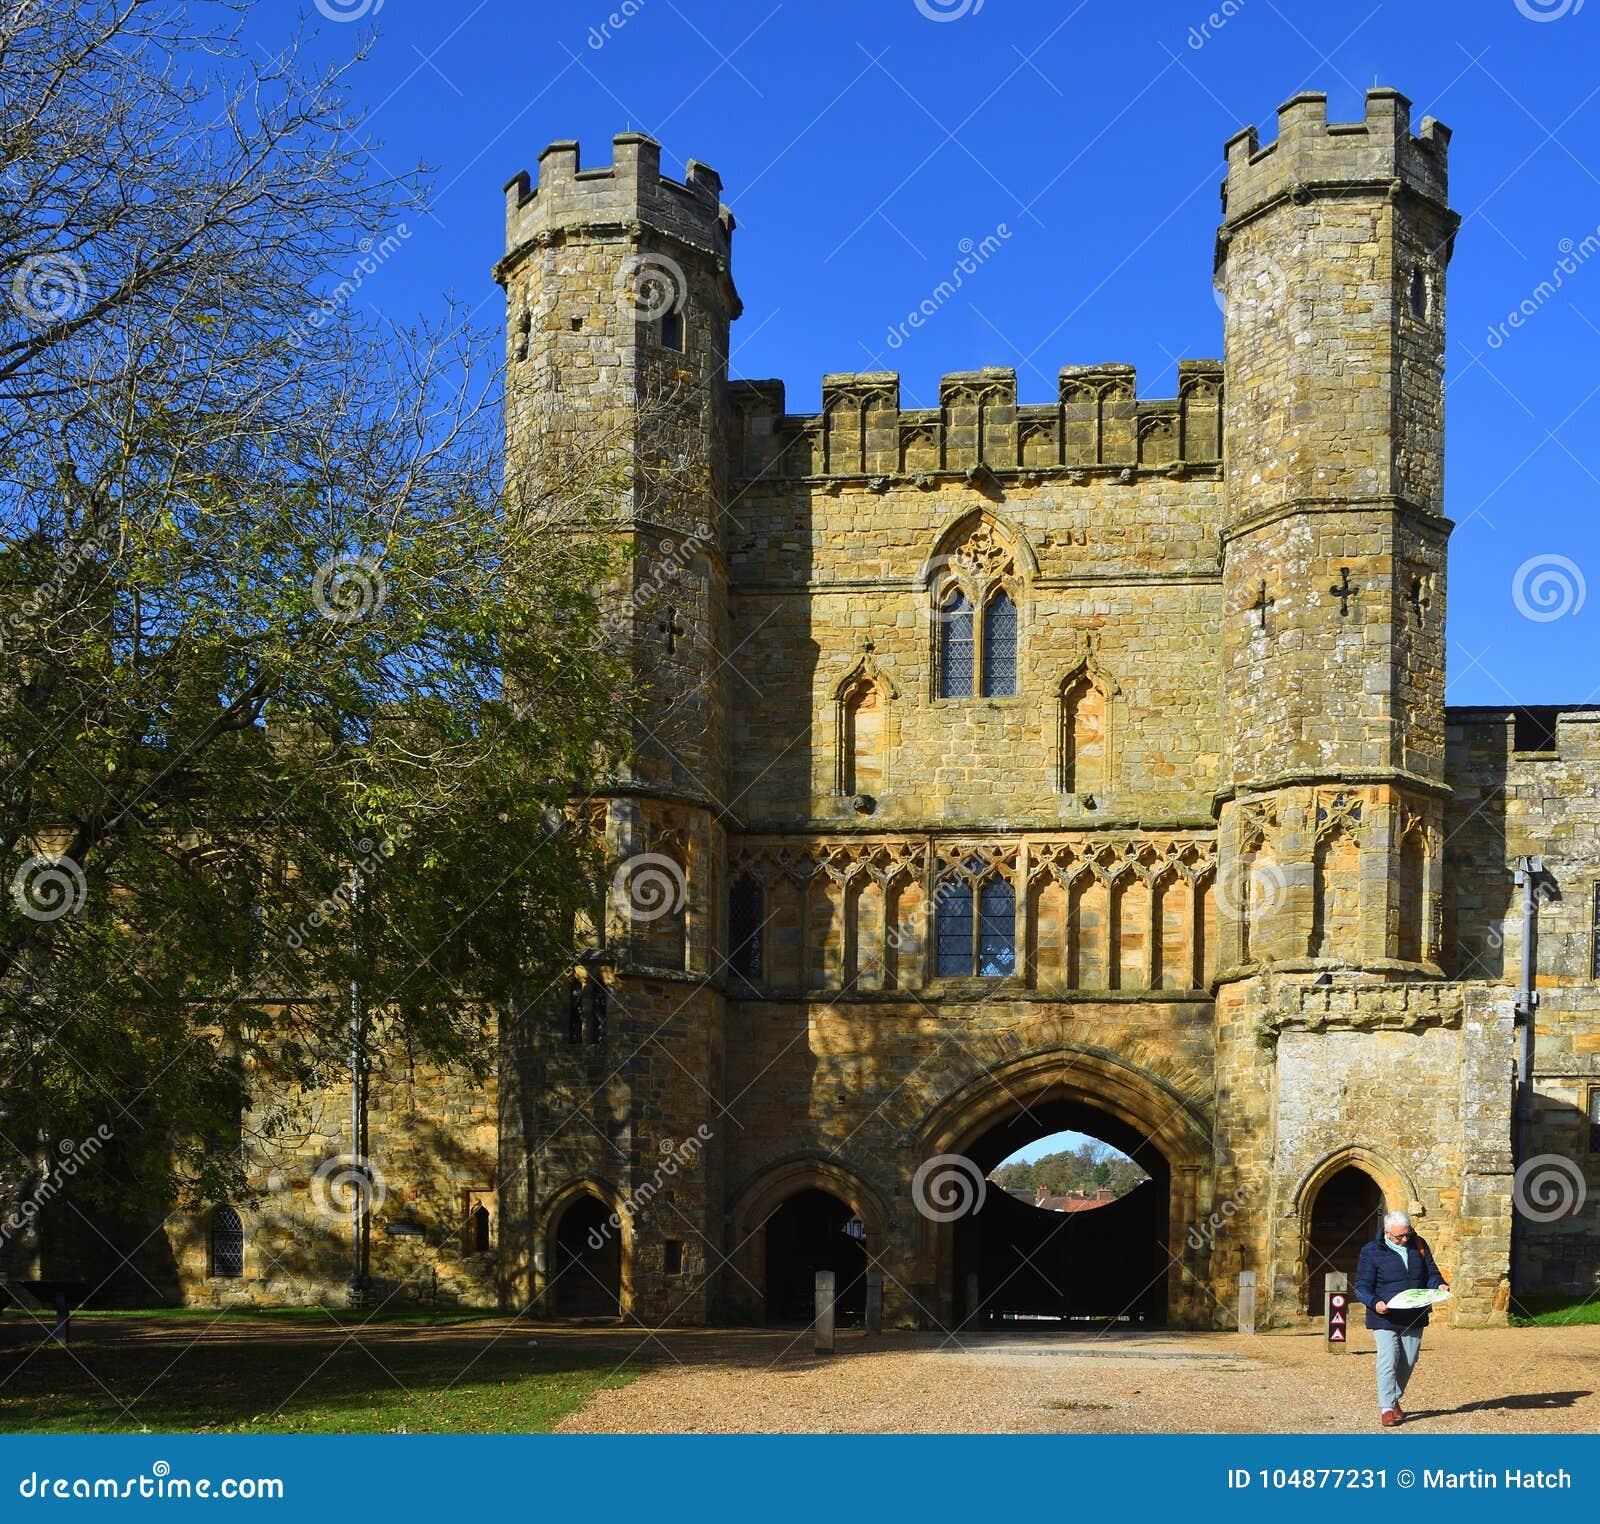 Το Gatehouse του ανατολικού Σάσσεξ αβαείων μάχης που στηρίζεται στην περιοχή της μάχης Hastings